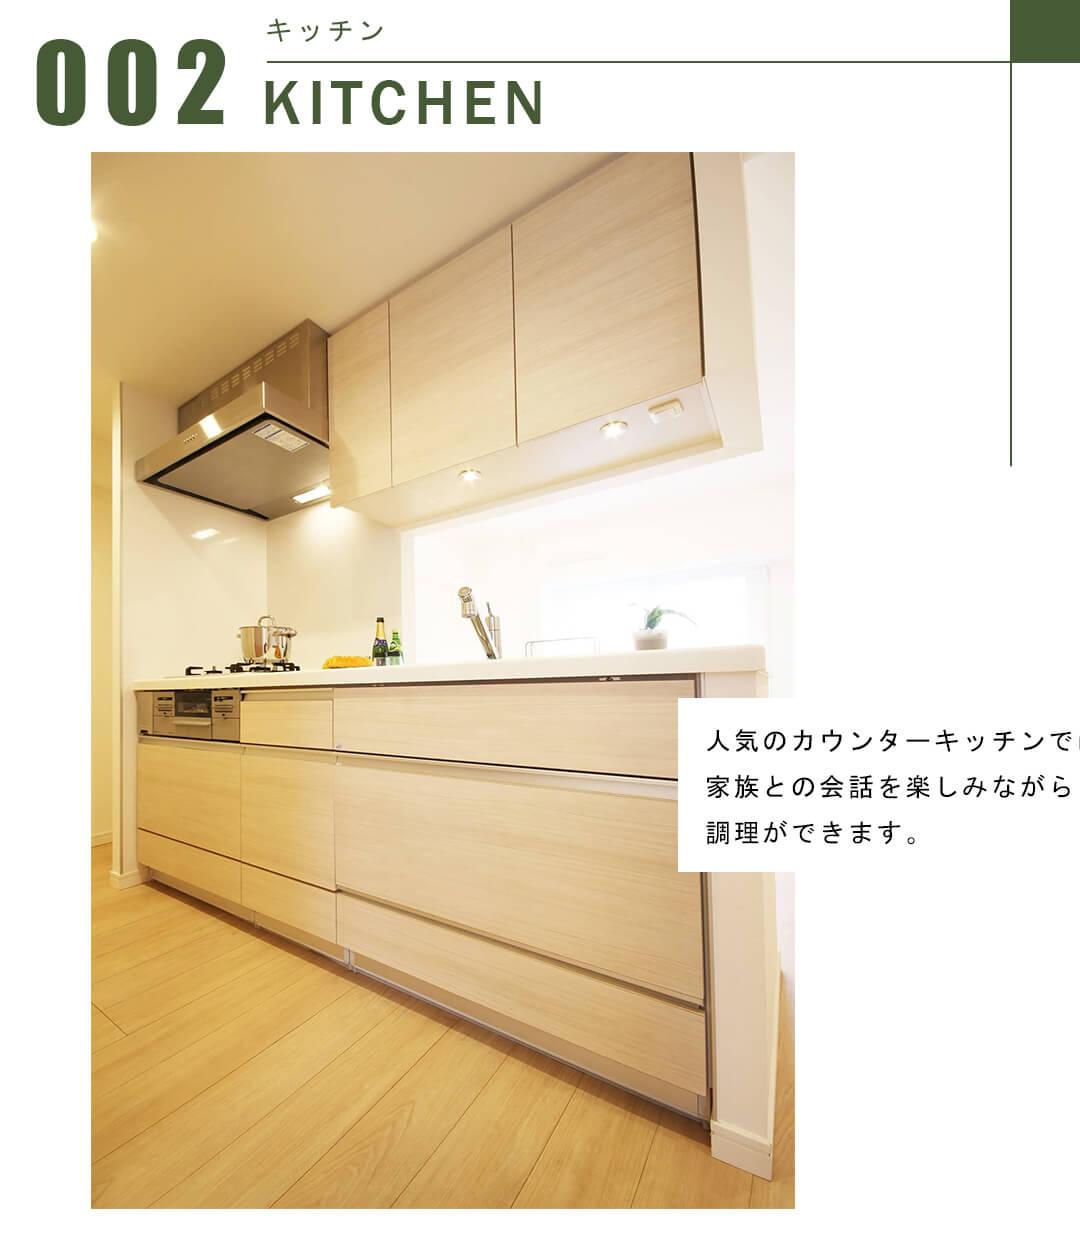 シーフォルム西新宿五丁目のキッチン